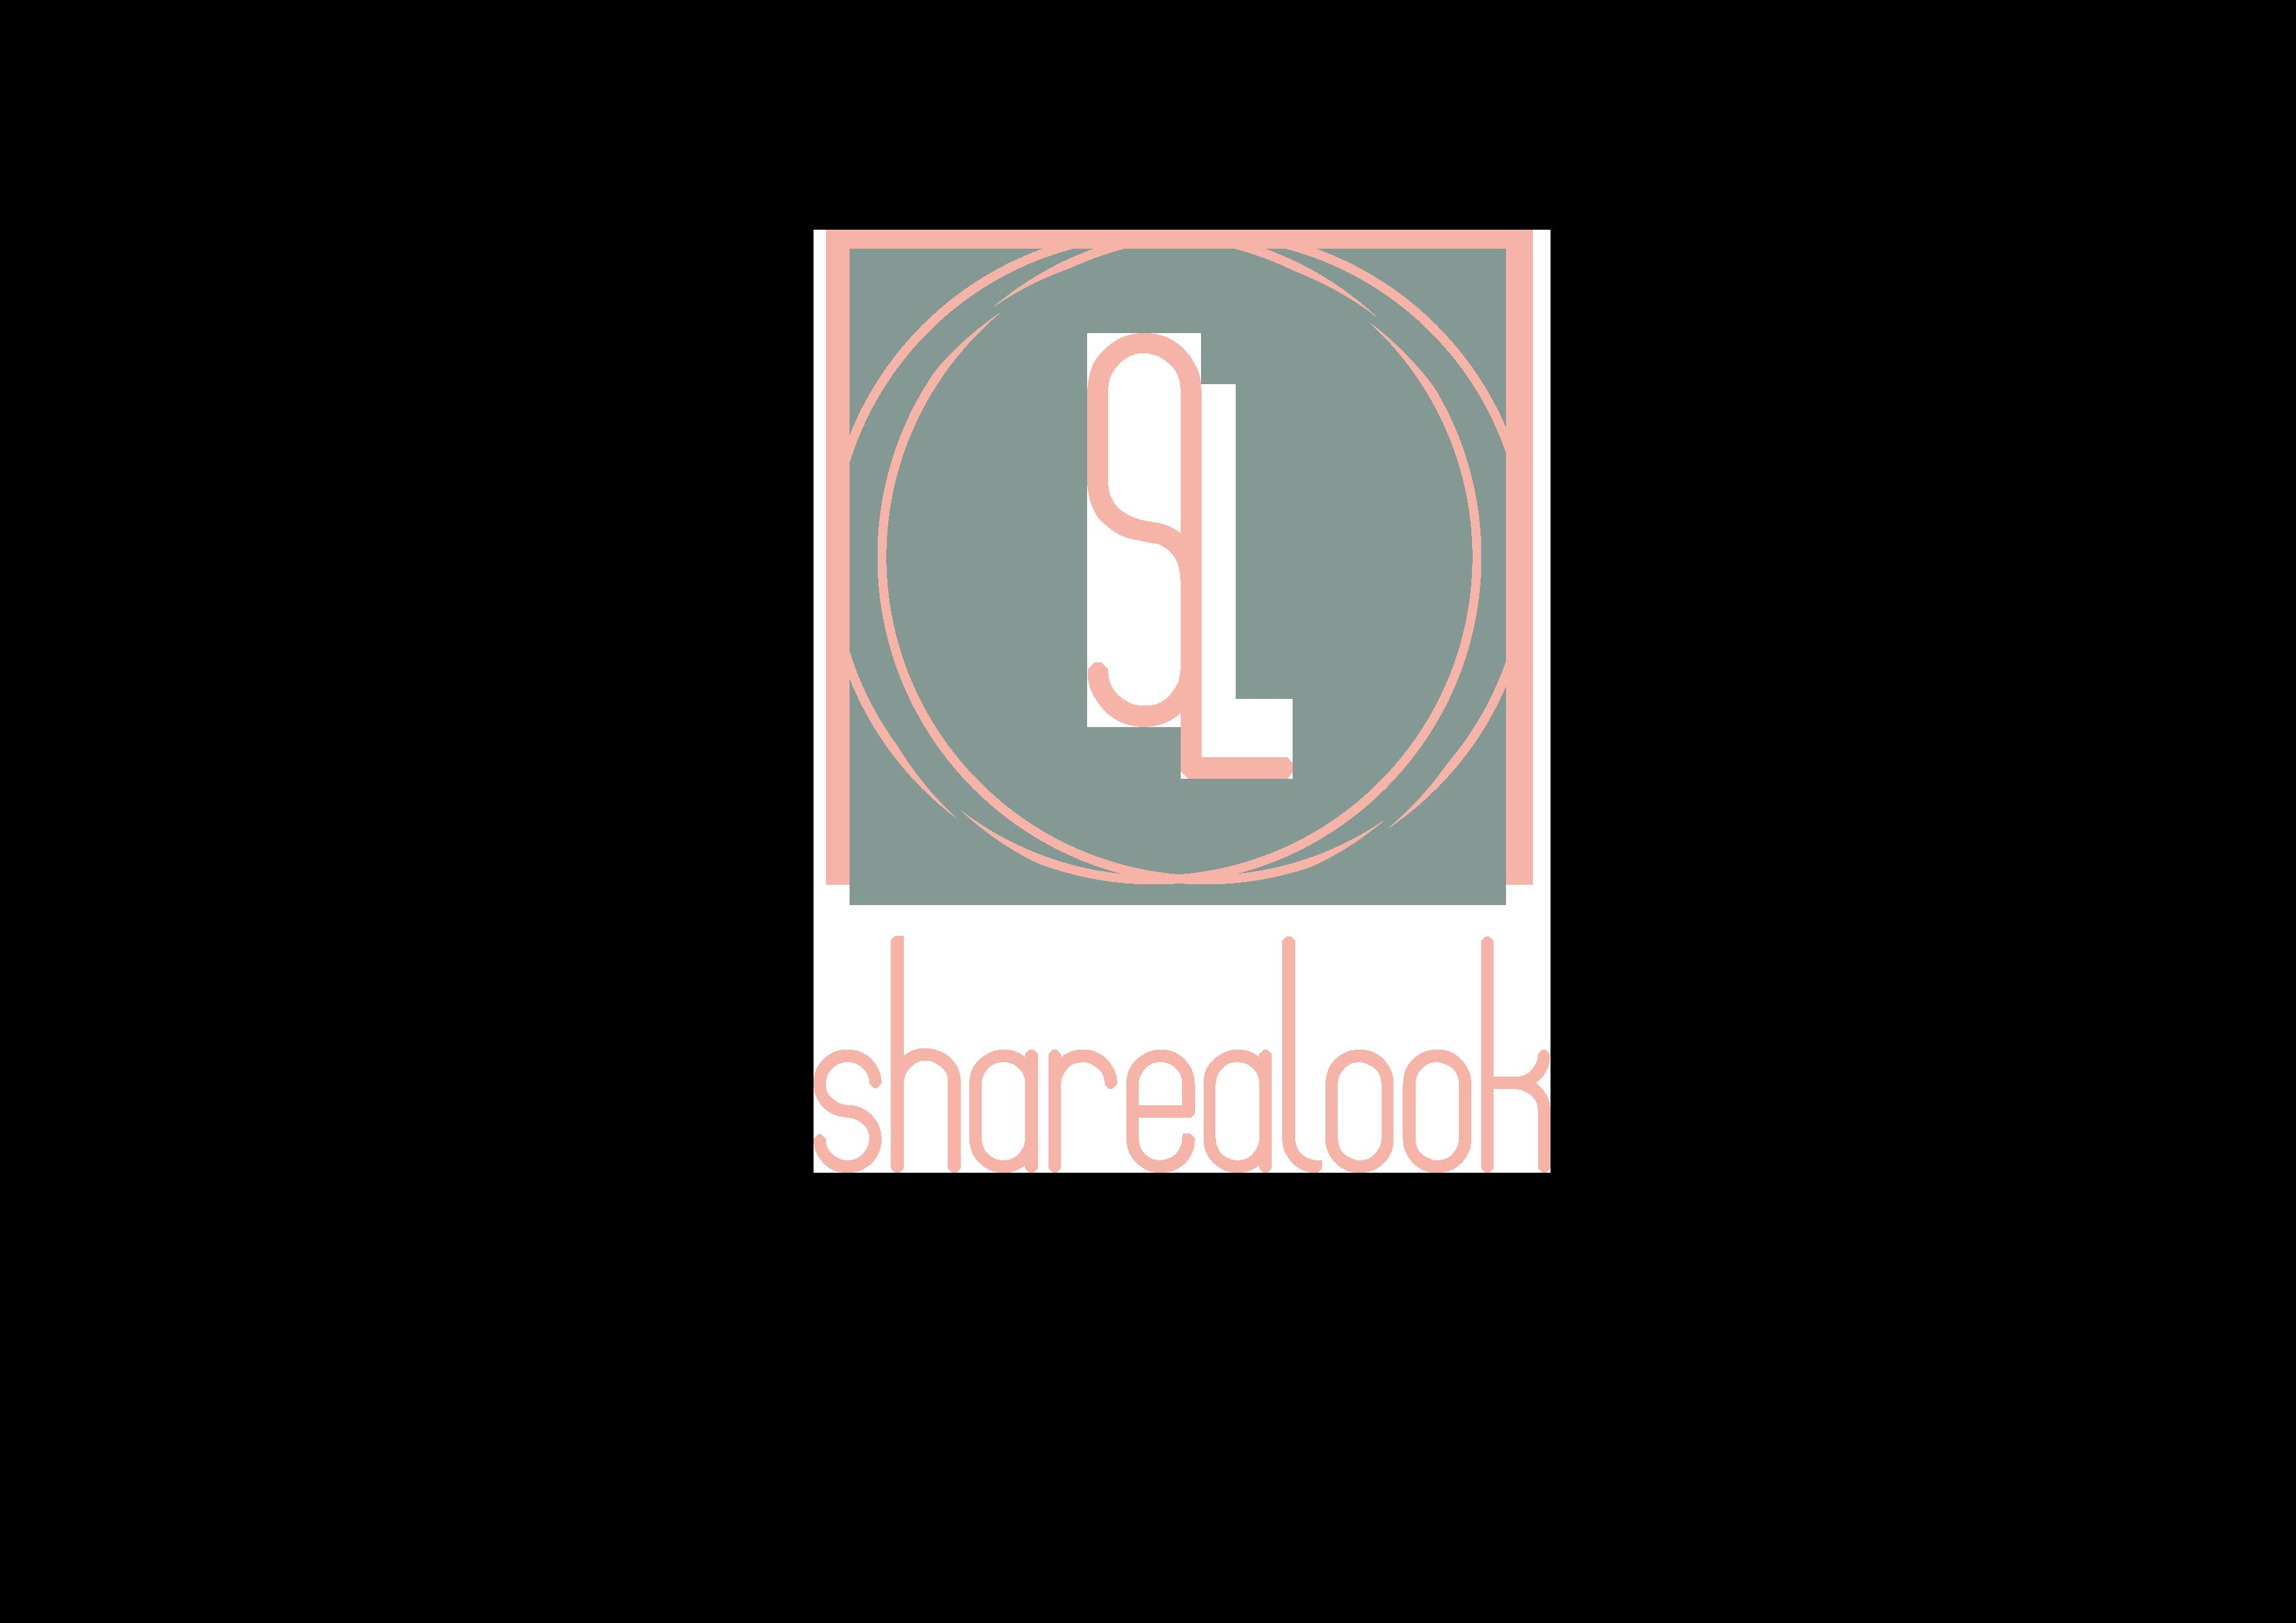 Logo Sharealook